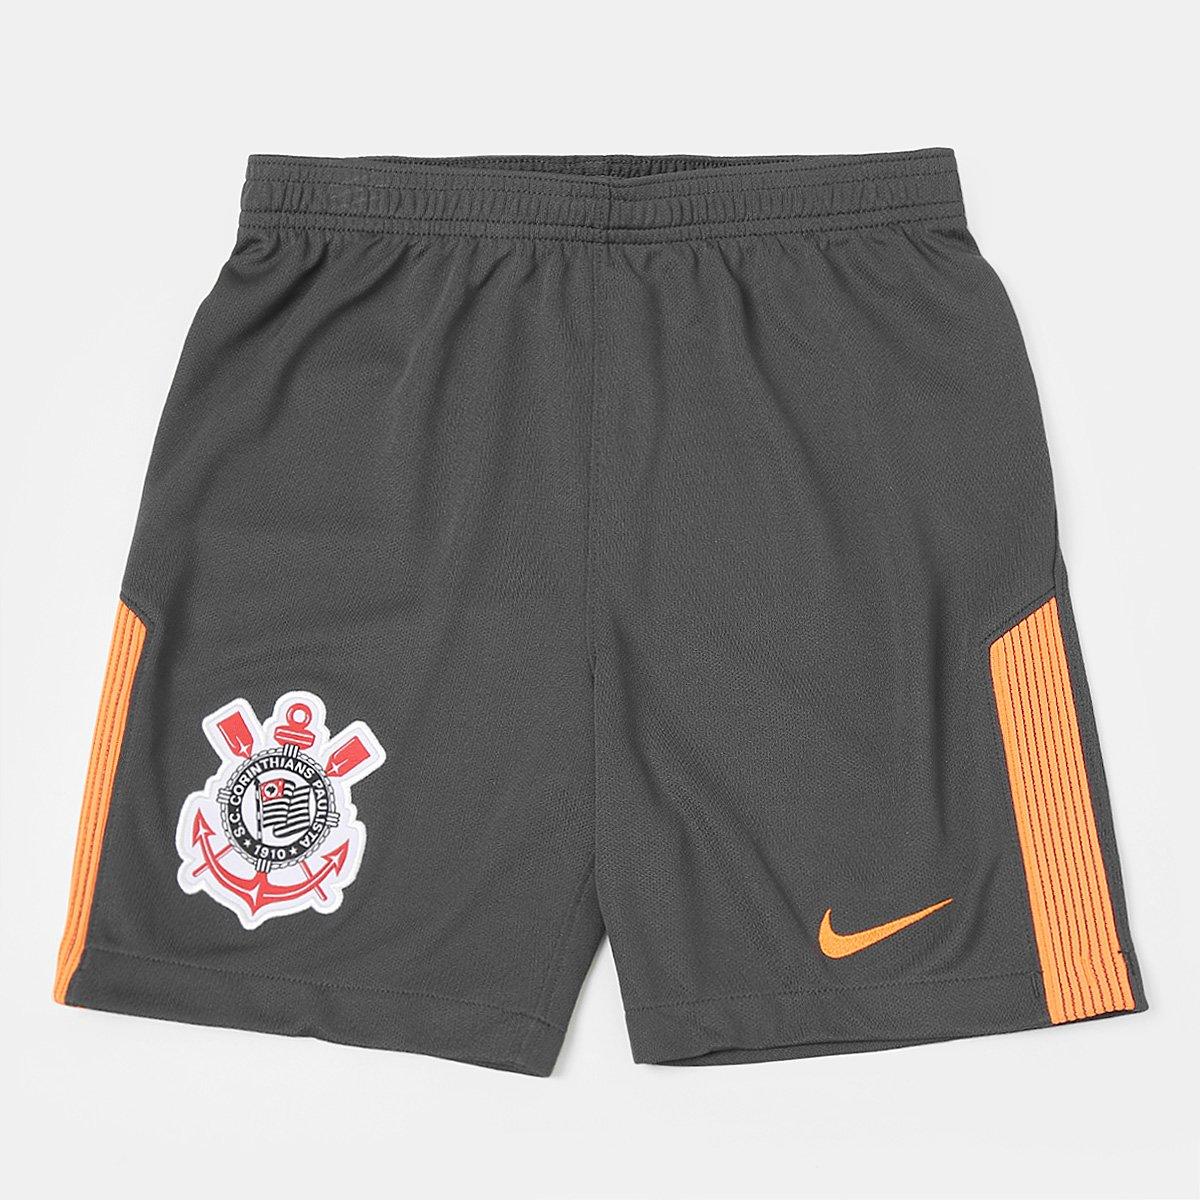 Calção Corinthians Infantil III 17 18 Nike - Compre Agora  82f4d34ef7a2c